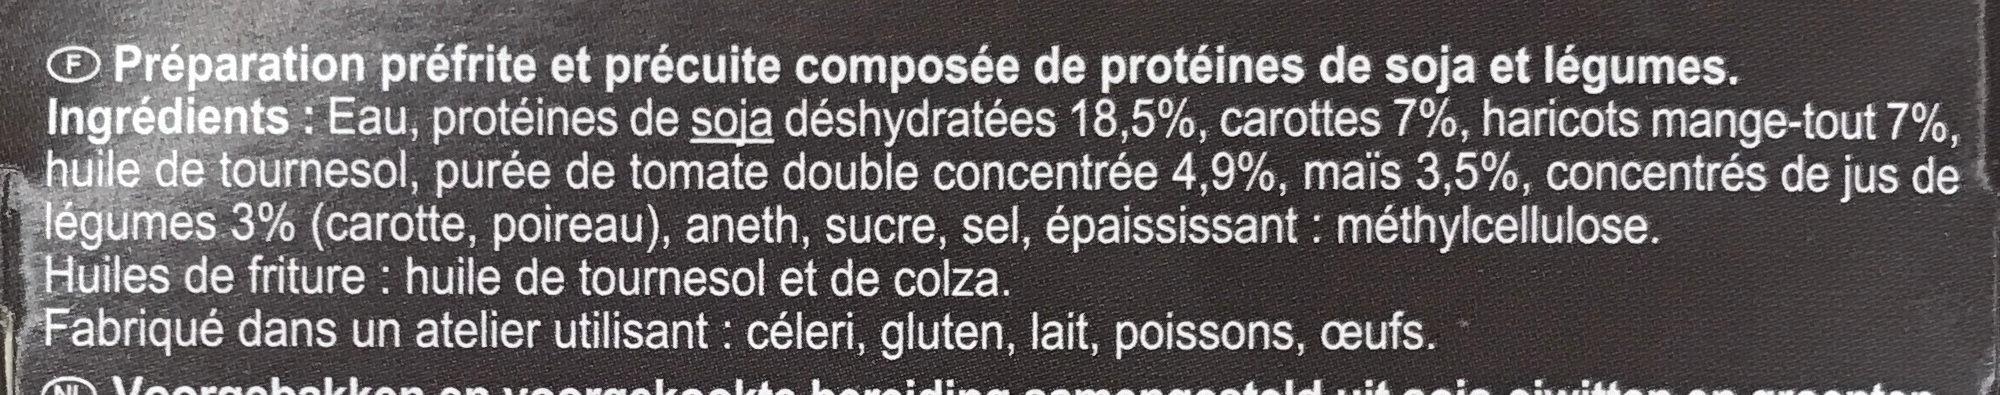 De soja zanahorias, judías verdes, tomate y maíz - Ingrédients - fr